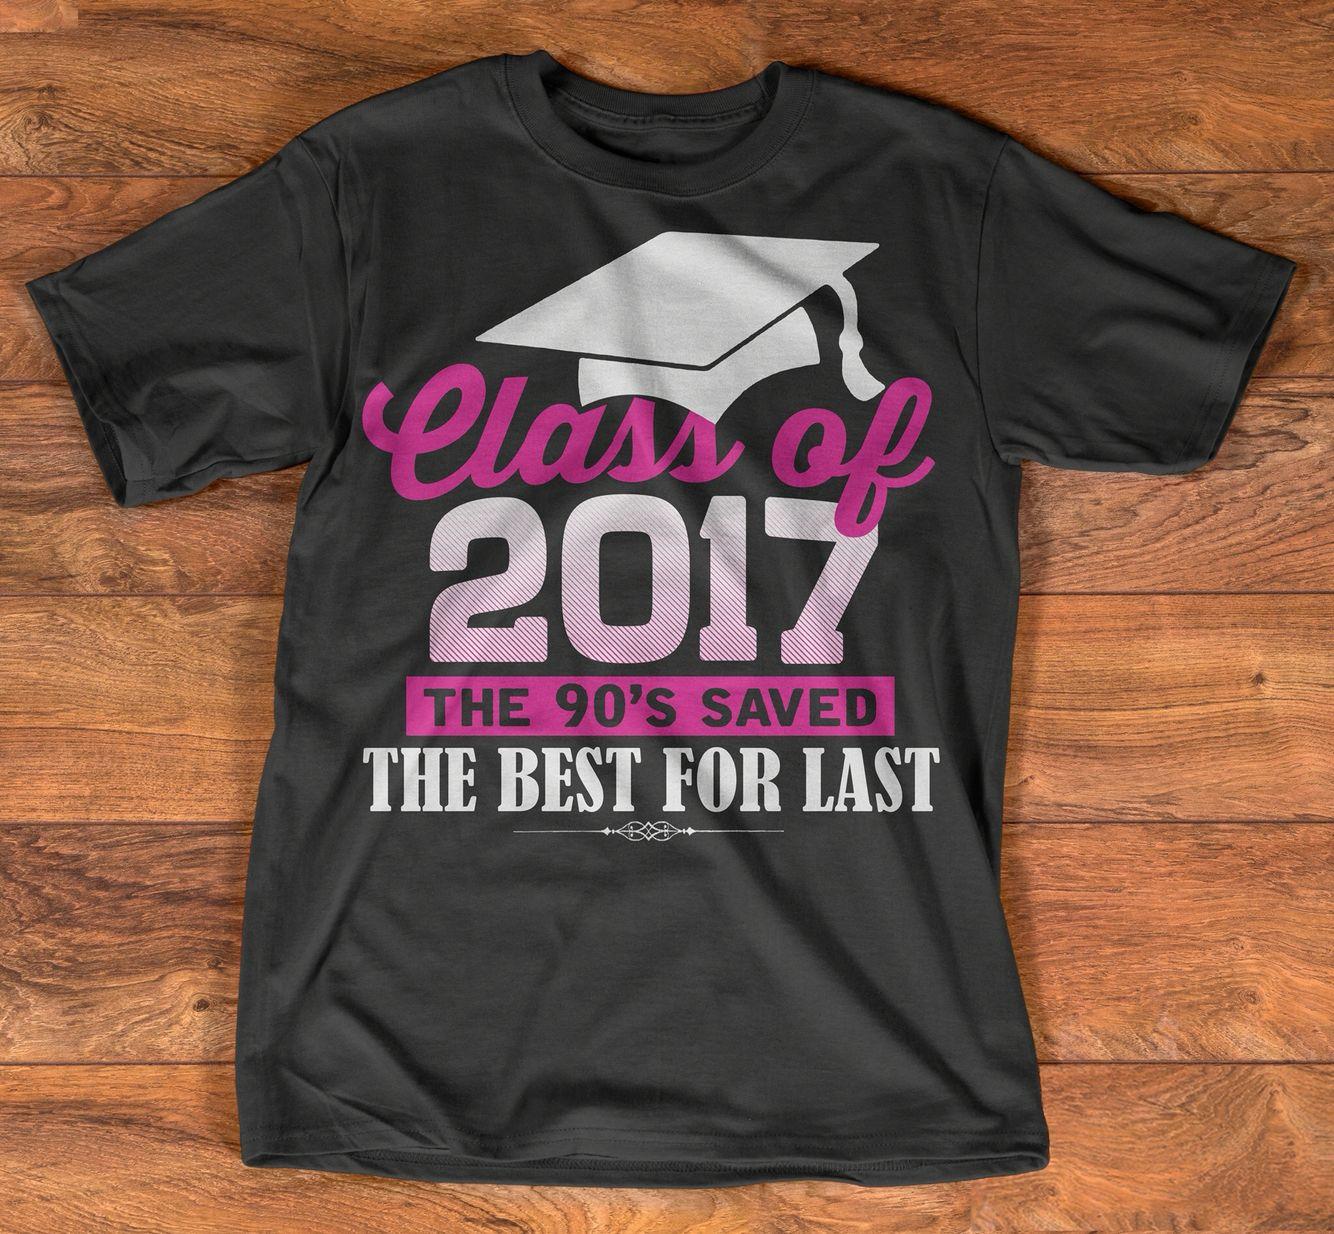 Cute Idea For A Senior Shirt Senior Shirts Senior Shirts Senior